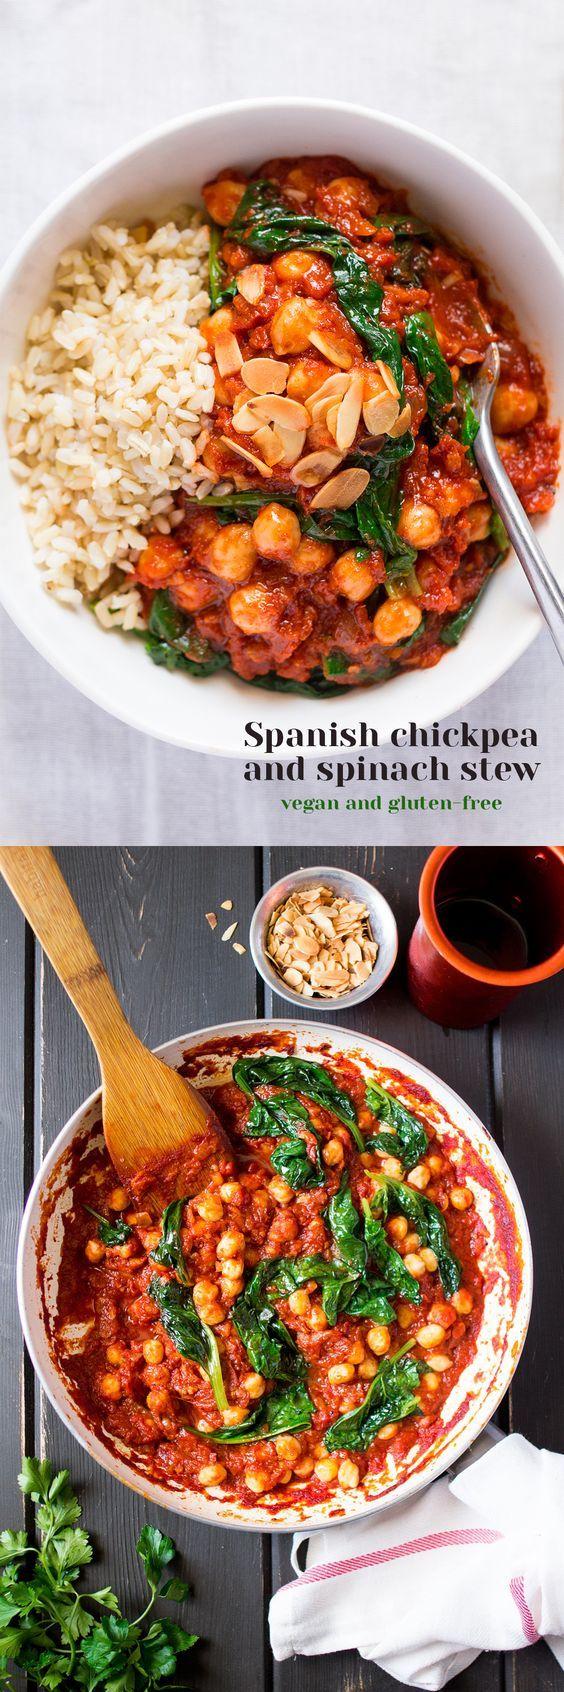 Esta receta se ve tan bien, pero creo que le gusto mejor con pollo.: